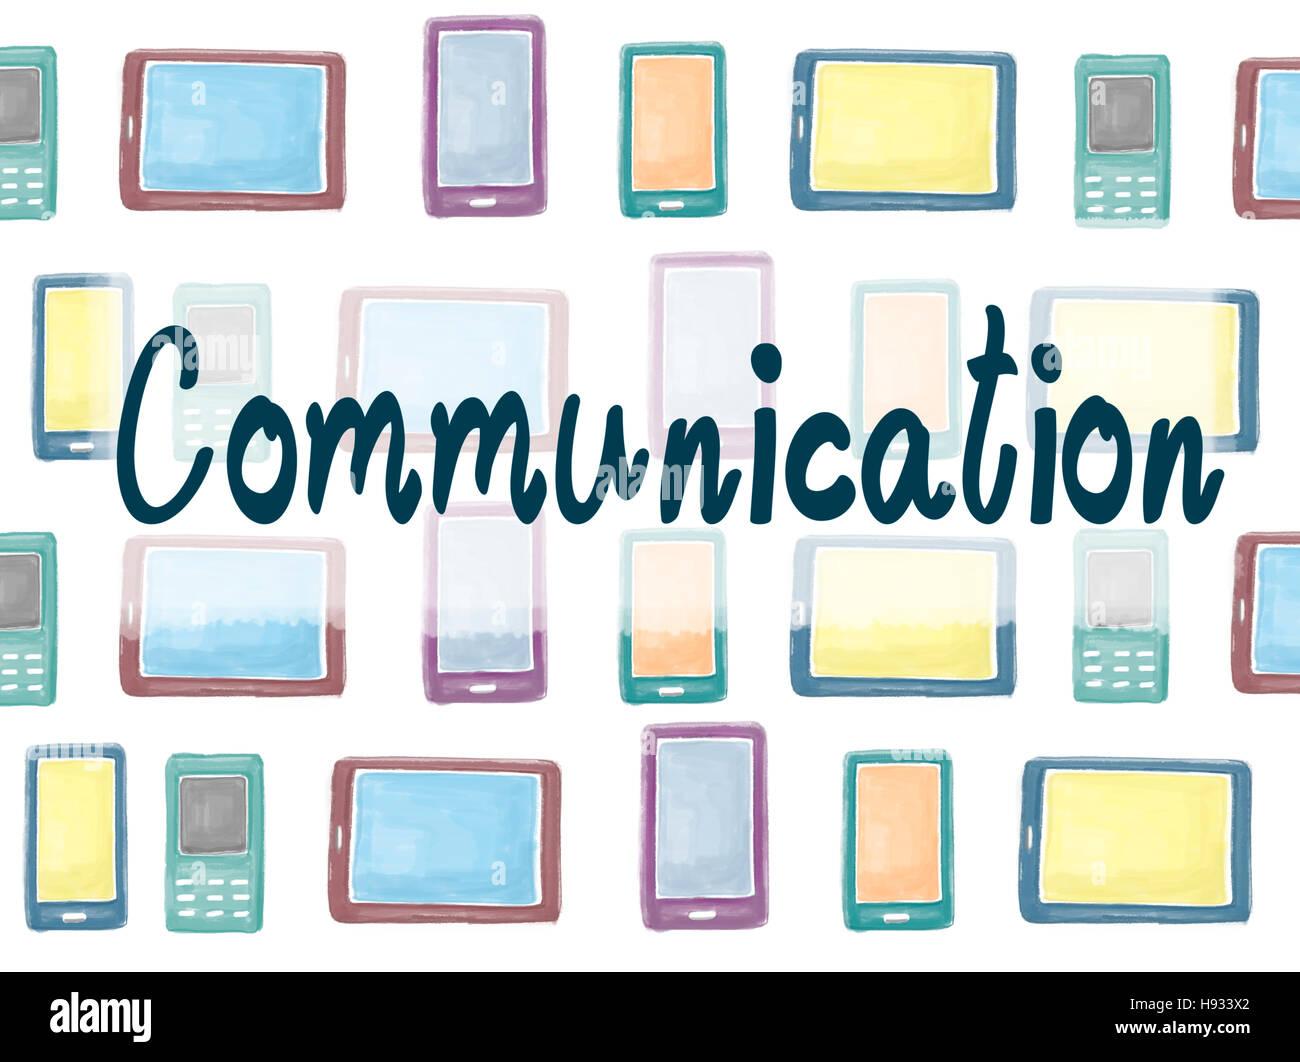 Comunicación comunicar el concepto de interacción de conexión Imagen De Stock